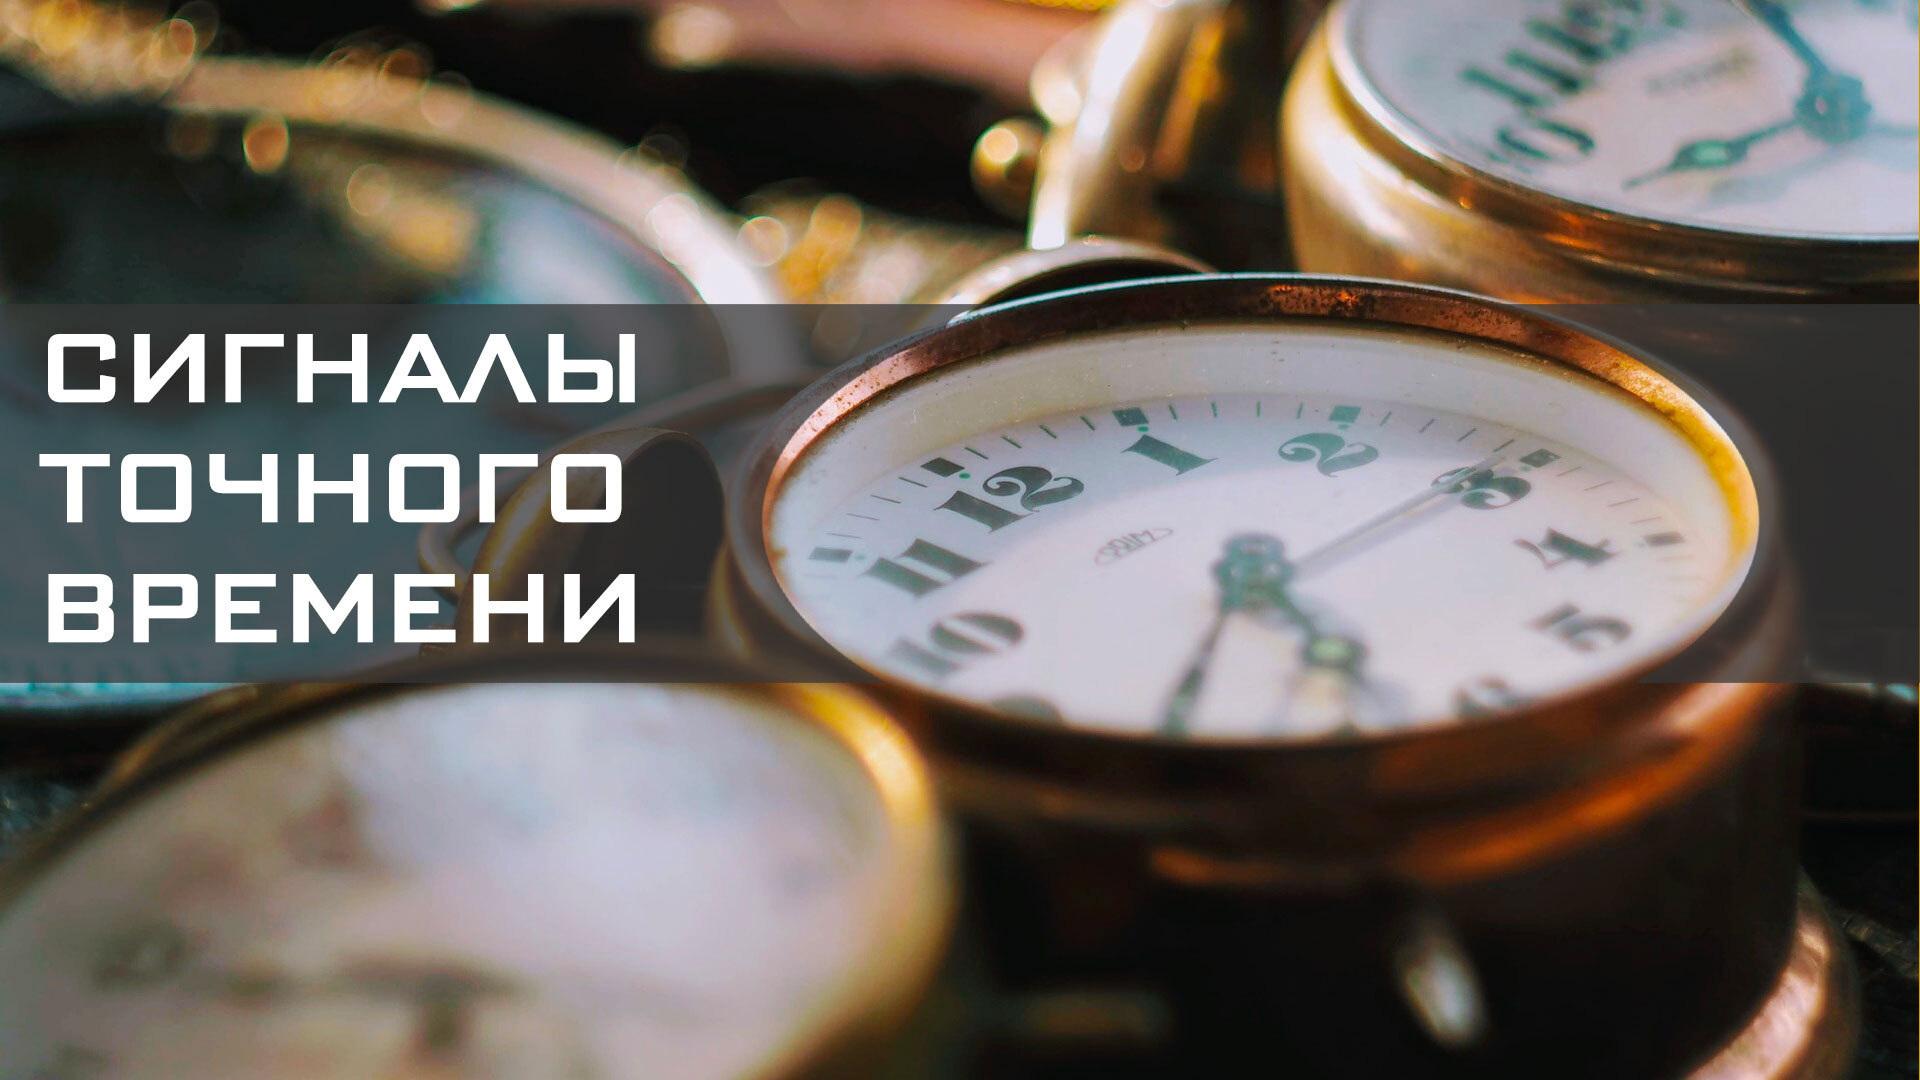 """""""Сигналы точного времени"""""""